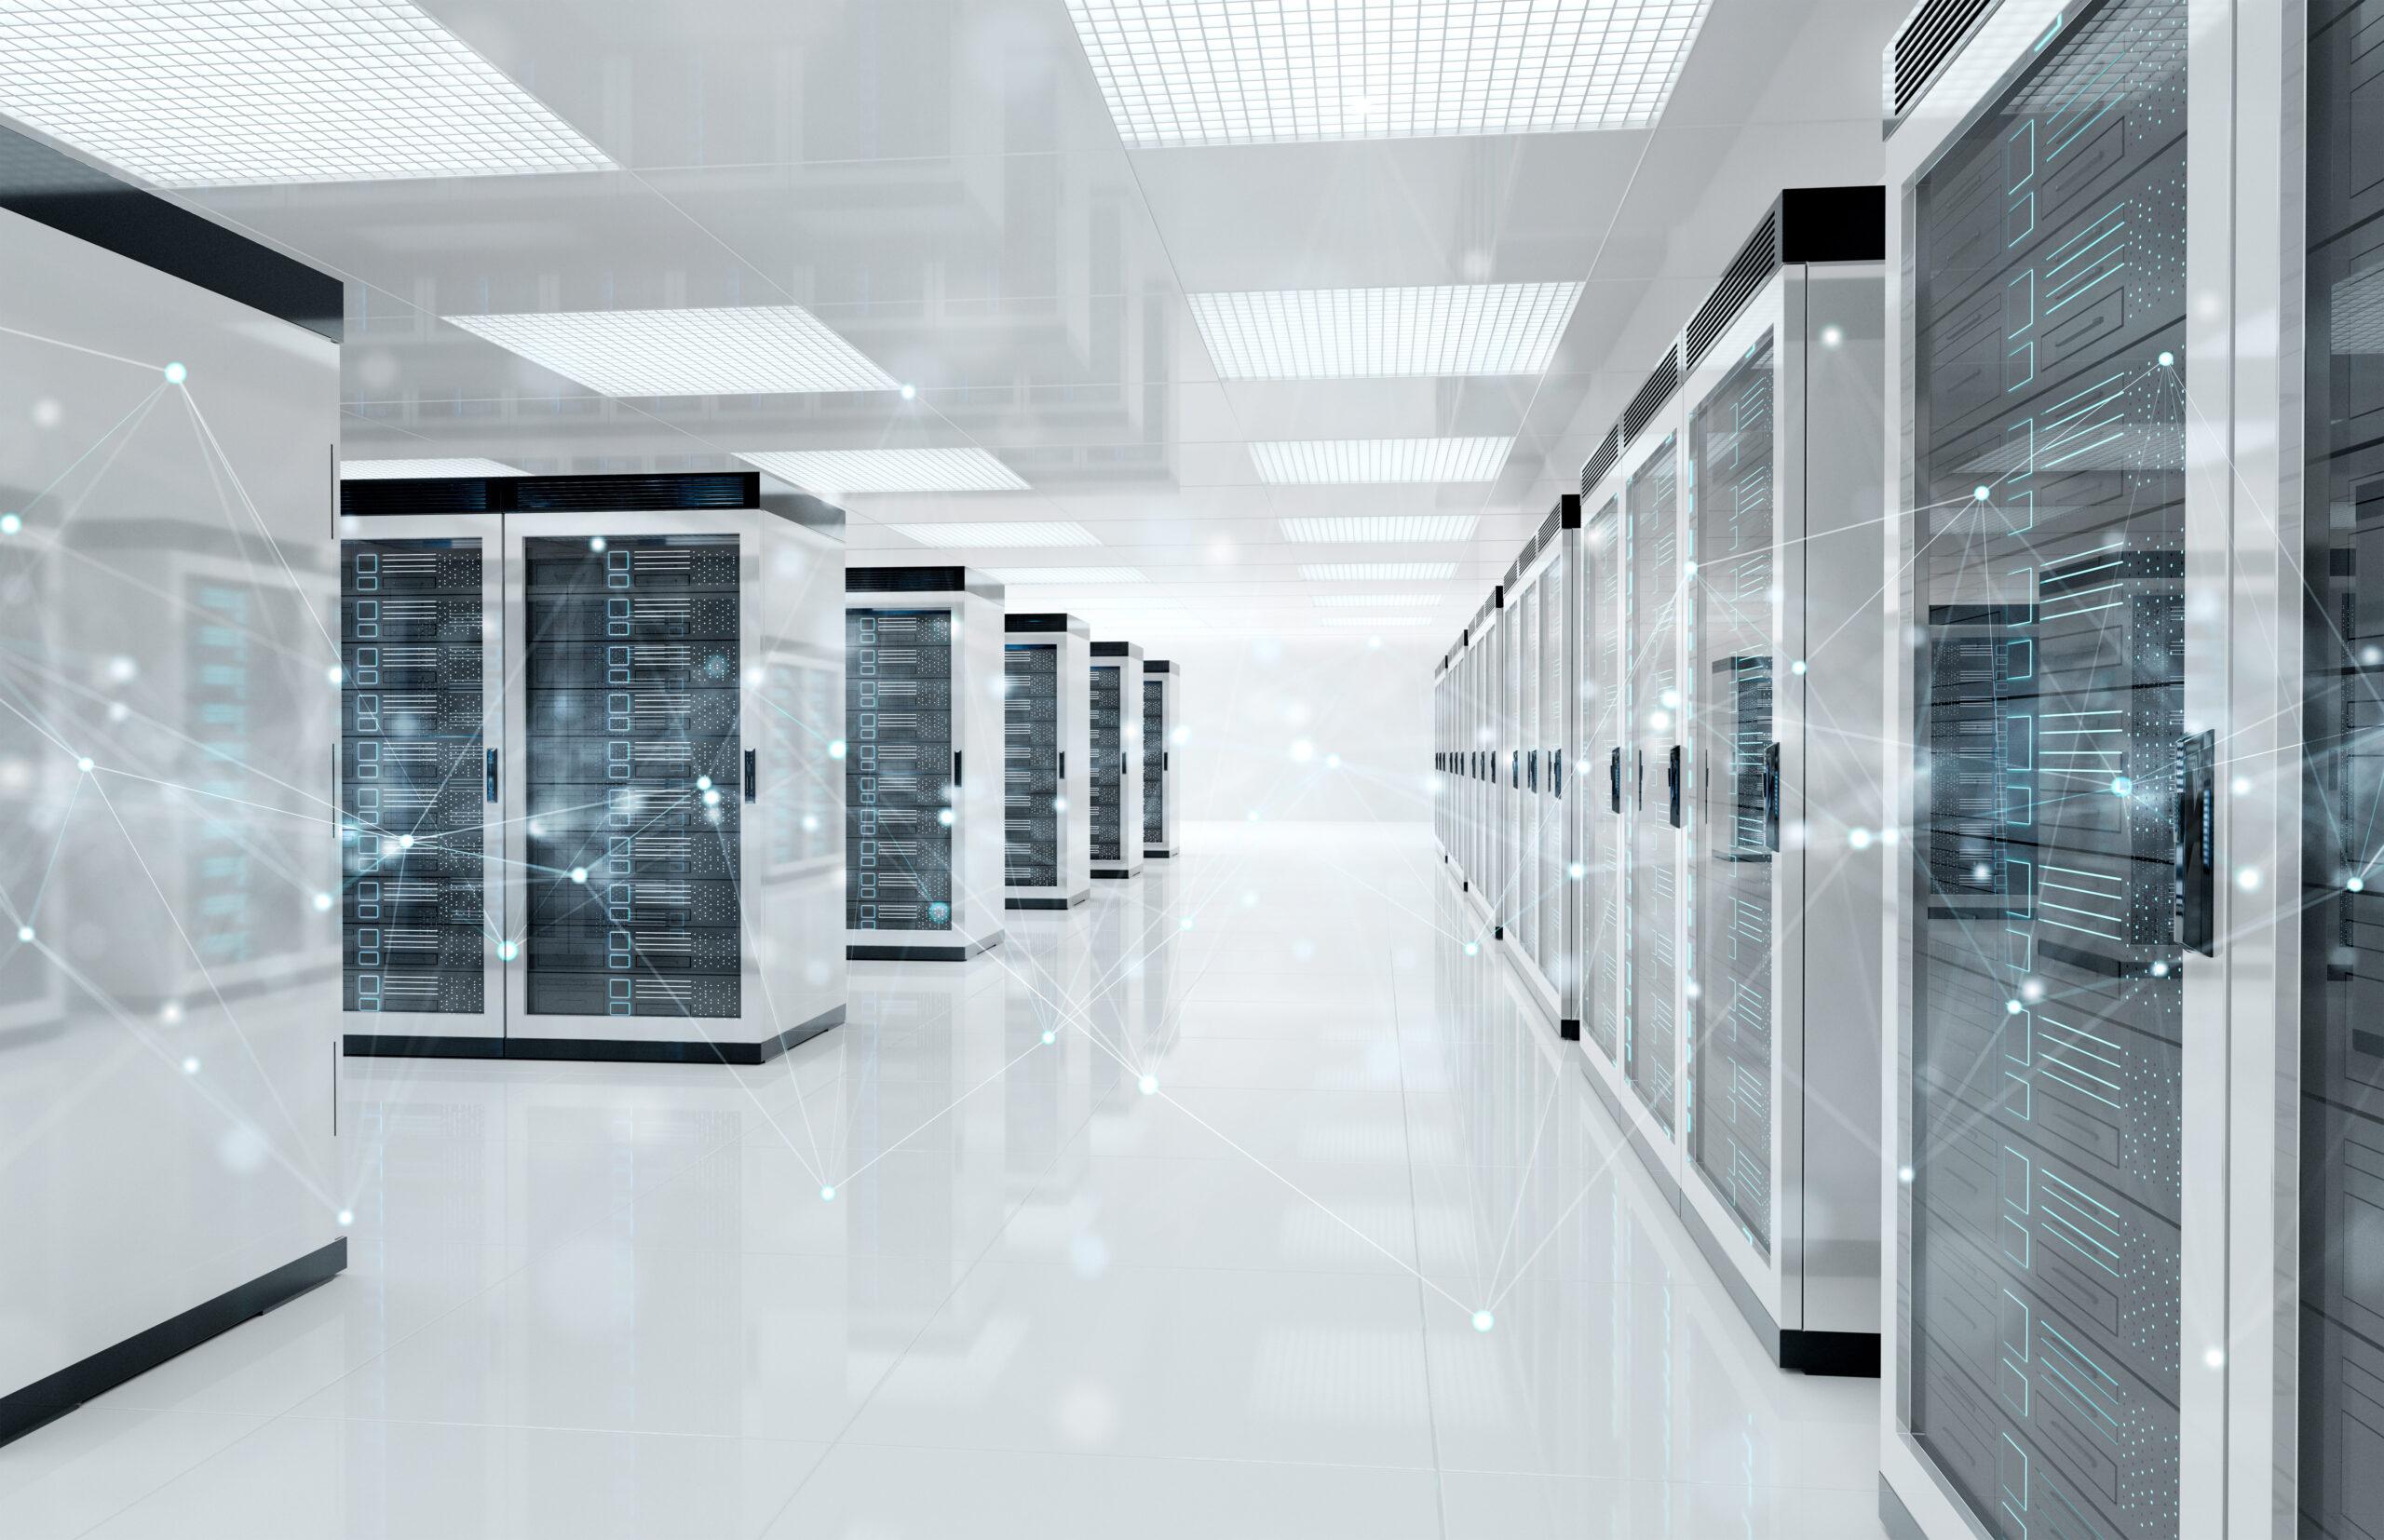 digitalsalt - Ihre Beratung für Data Management